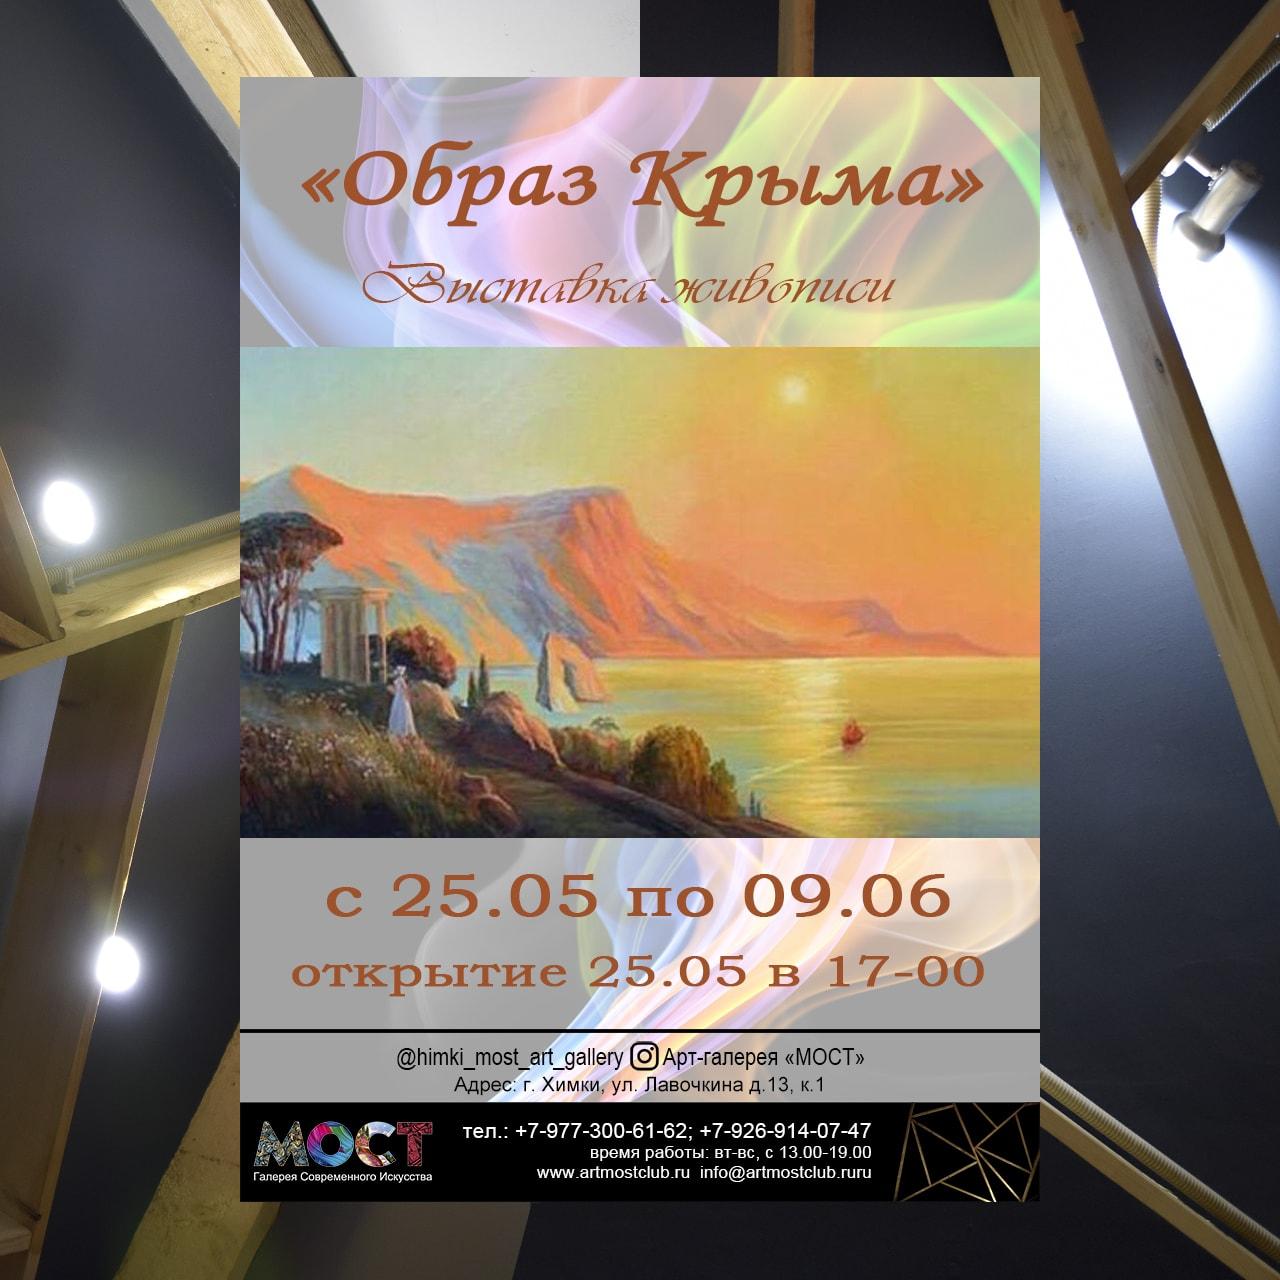 """Выставка картин """"Образ Крыма"""" в Химках"""